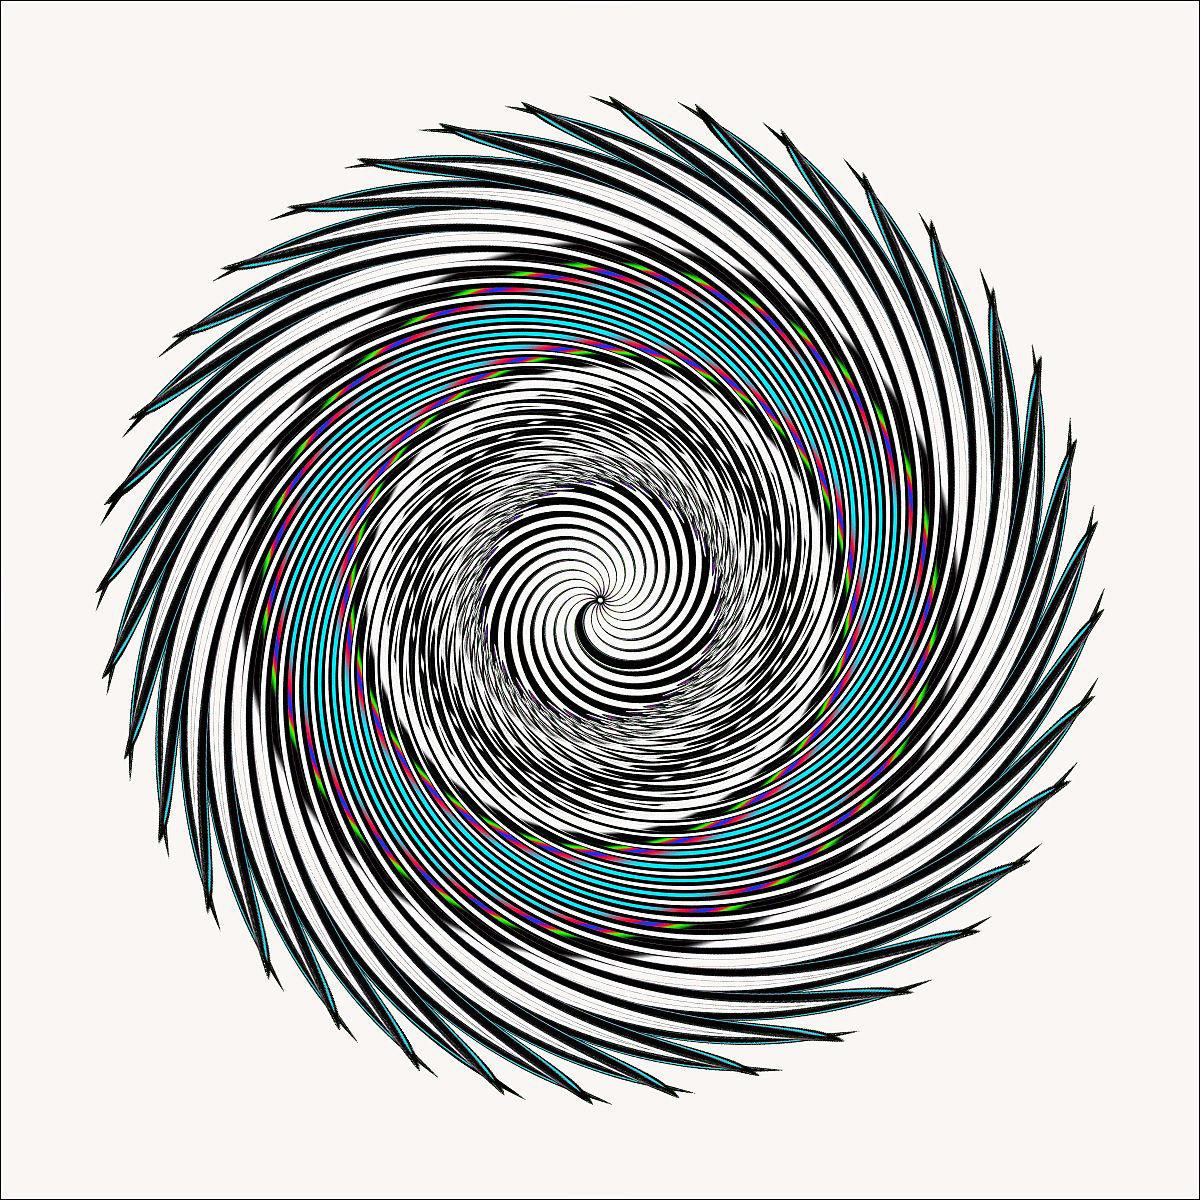 锯齿漩涡线创意设计图片